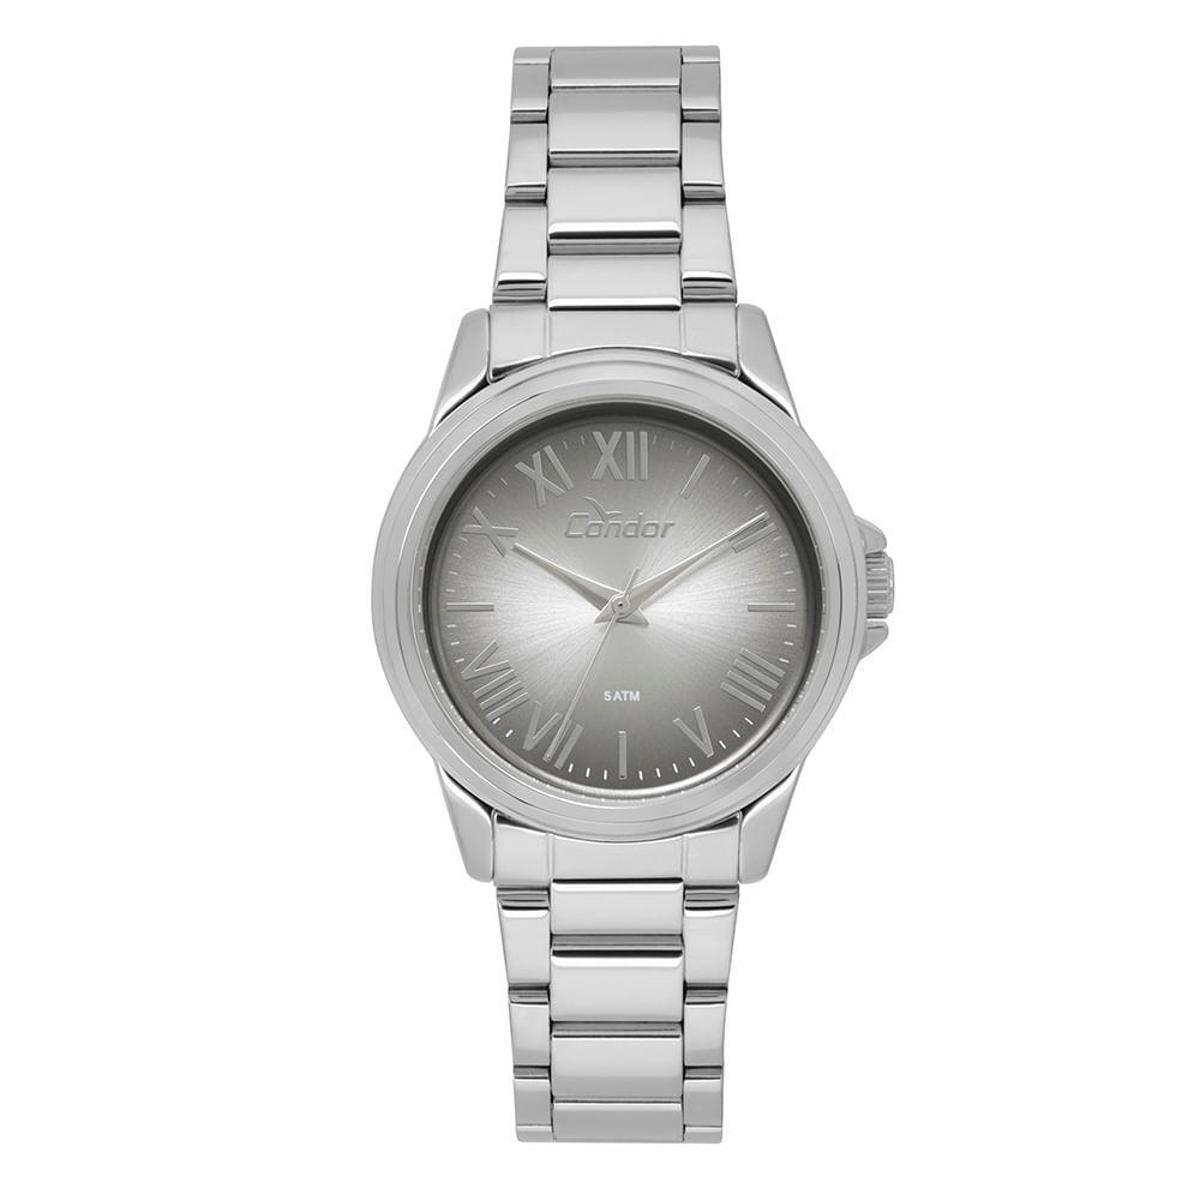 cccd51d870b Relógio Condor Feminino Bracelete - CO2039BE 3C CO2039BE 3C - Prata -  Compre Agora